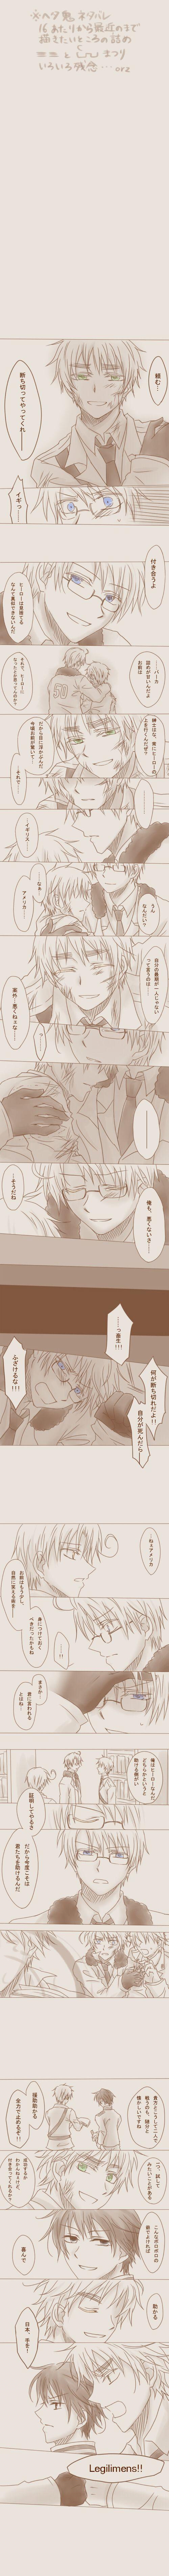 HetaOni / Hetalia America England Japan & Italy (I love this) comics manga doujinshi